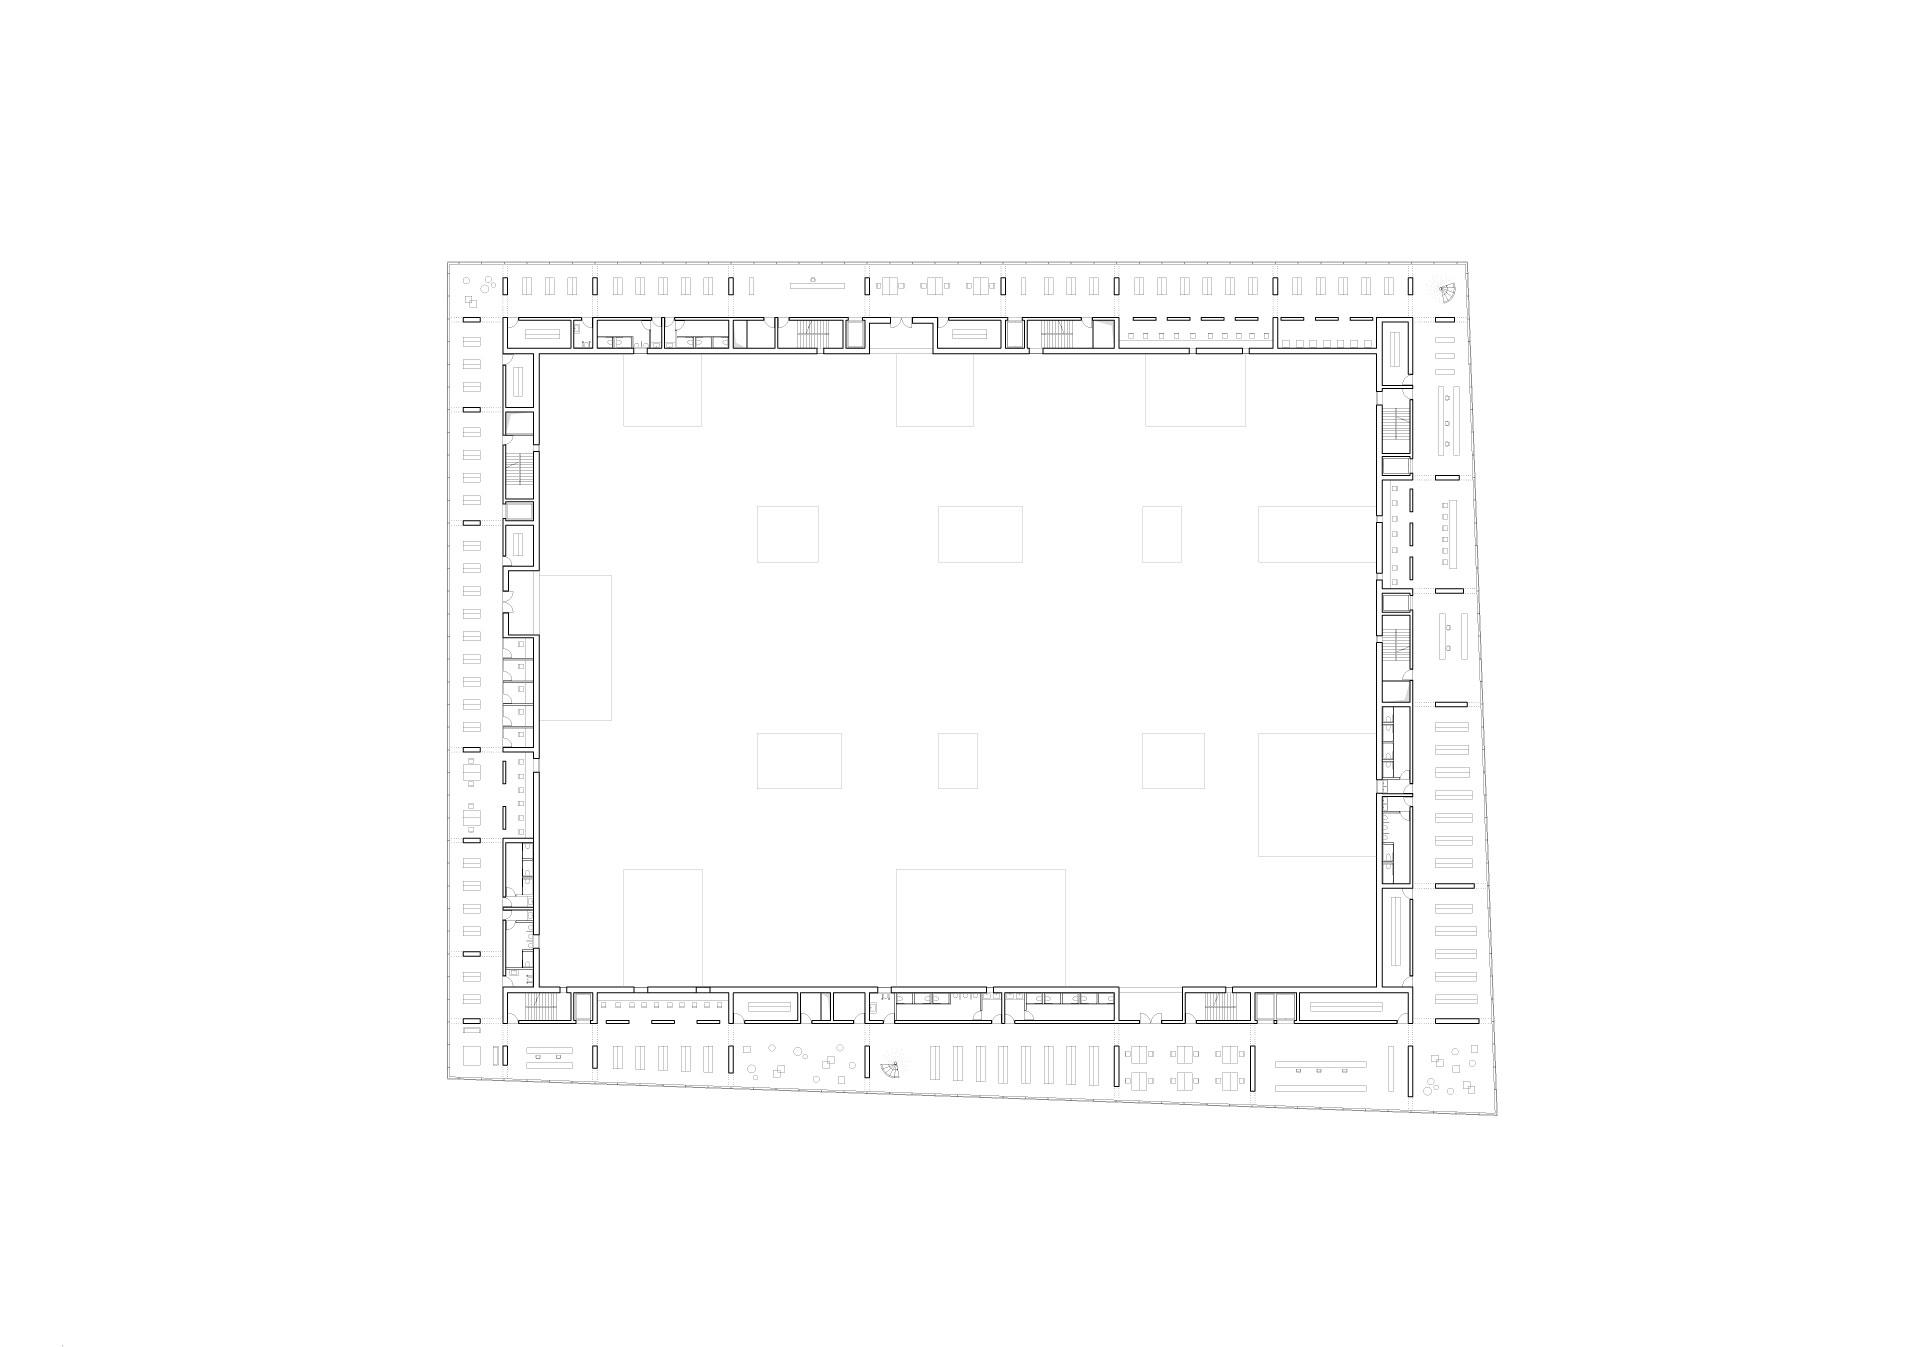 KUBIK Architektur - Studio für Architektur Berlin - architecture - Wettbewerb - Kulturzentrum - Spektrum Spandau - Grundriss